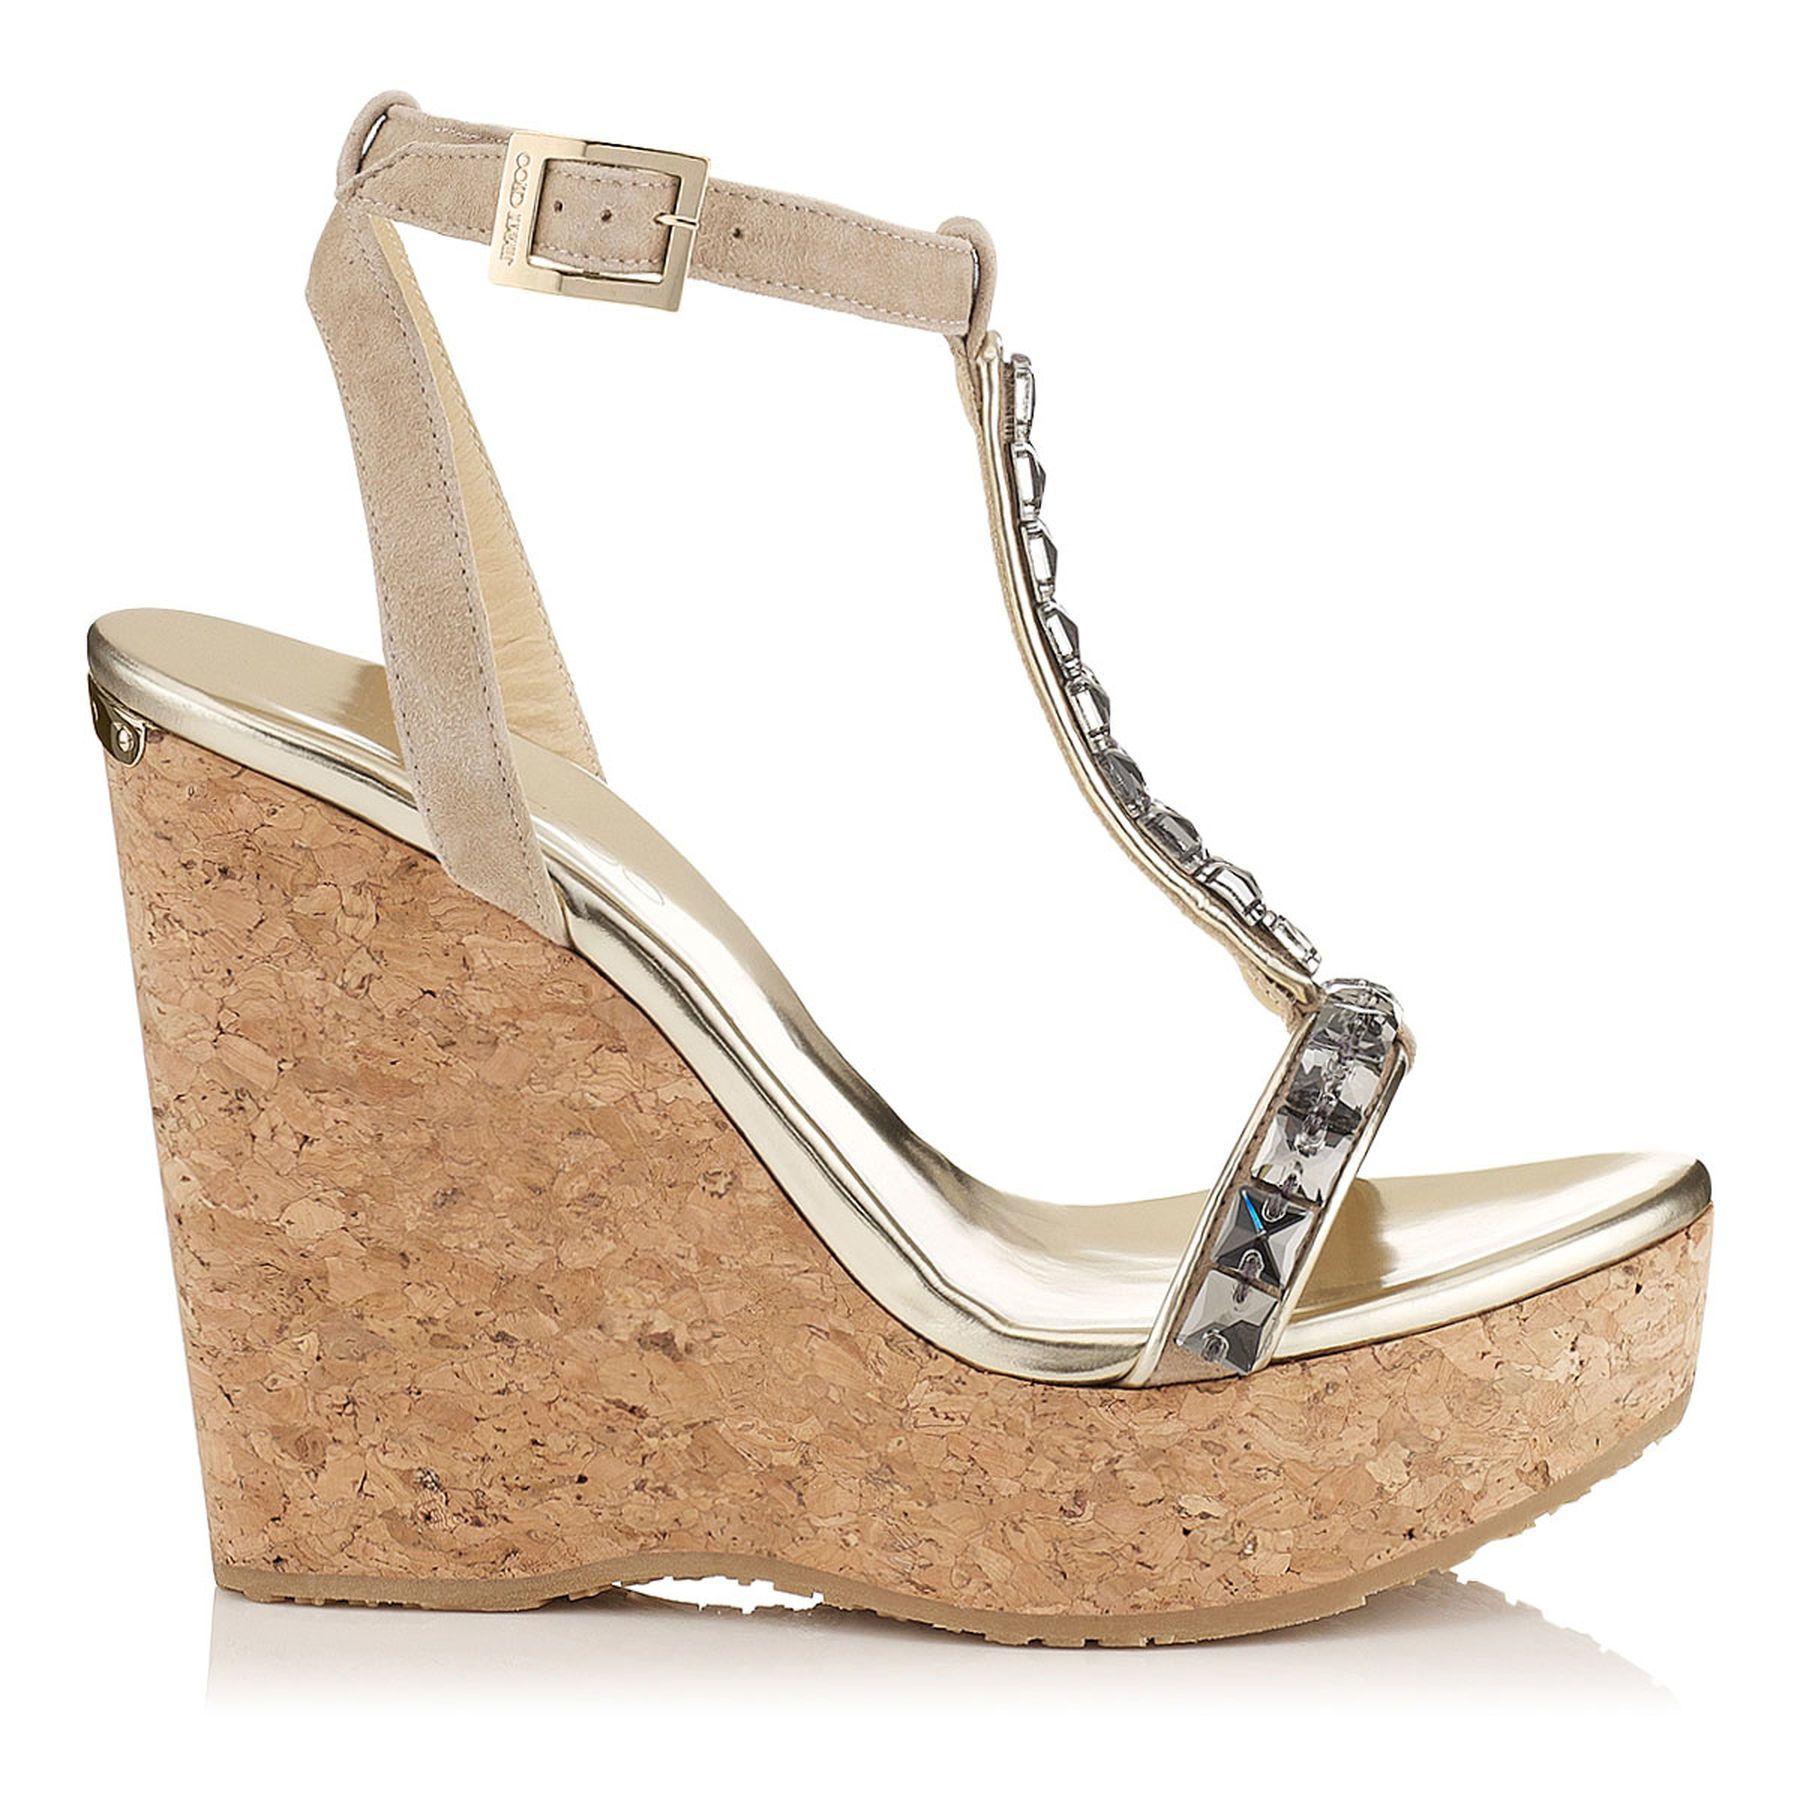 afa76ba3240d8 NAIMA Strap Sandals, Shoes Sandals, Black Leather Sandals, Black Suede,  Women's Wedges